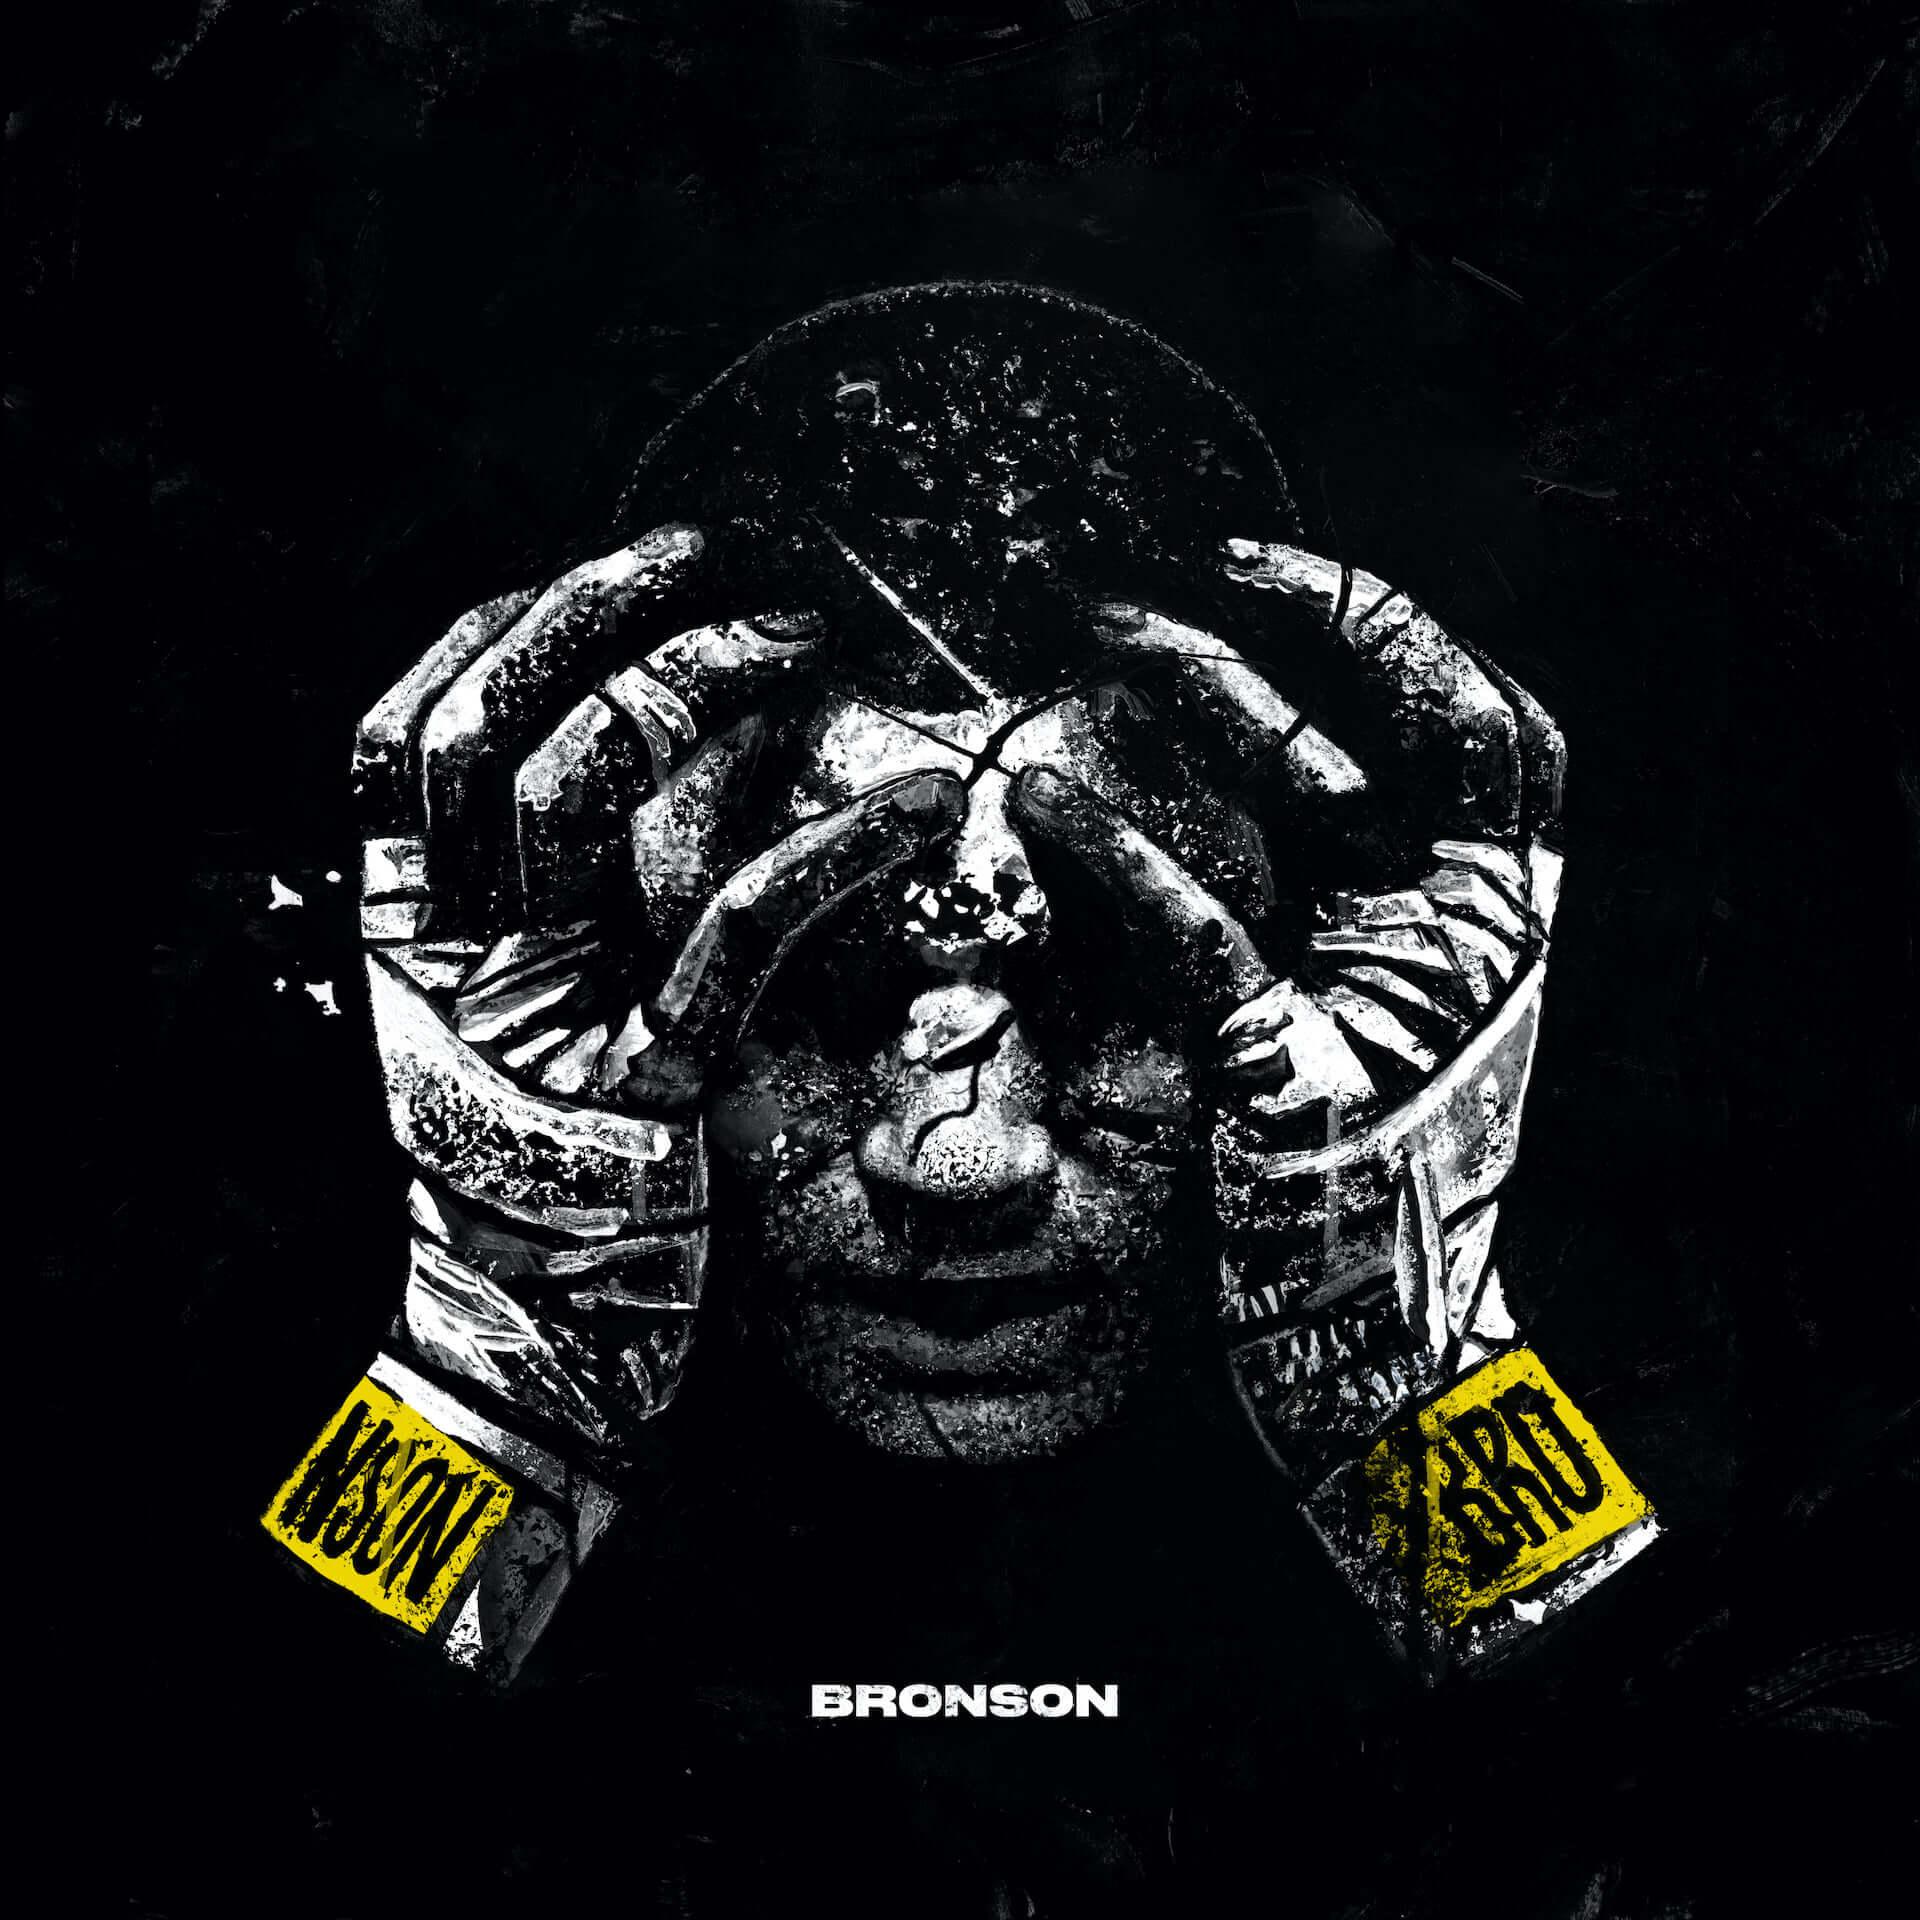 BronsonがリミックスEP『BRONSON Remixes N°.1』をリリース決定!Cassianによるリミックス曲も解禁 music200930_bronson_2-1920x1920